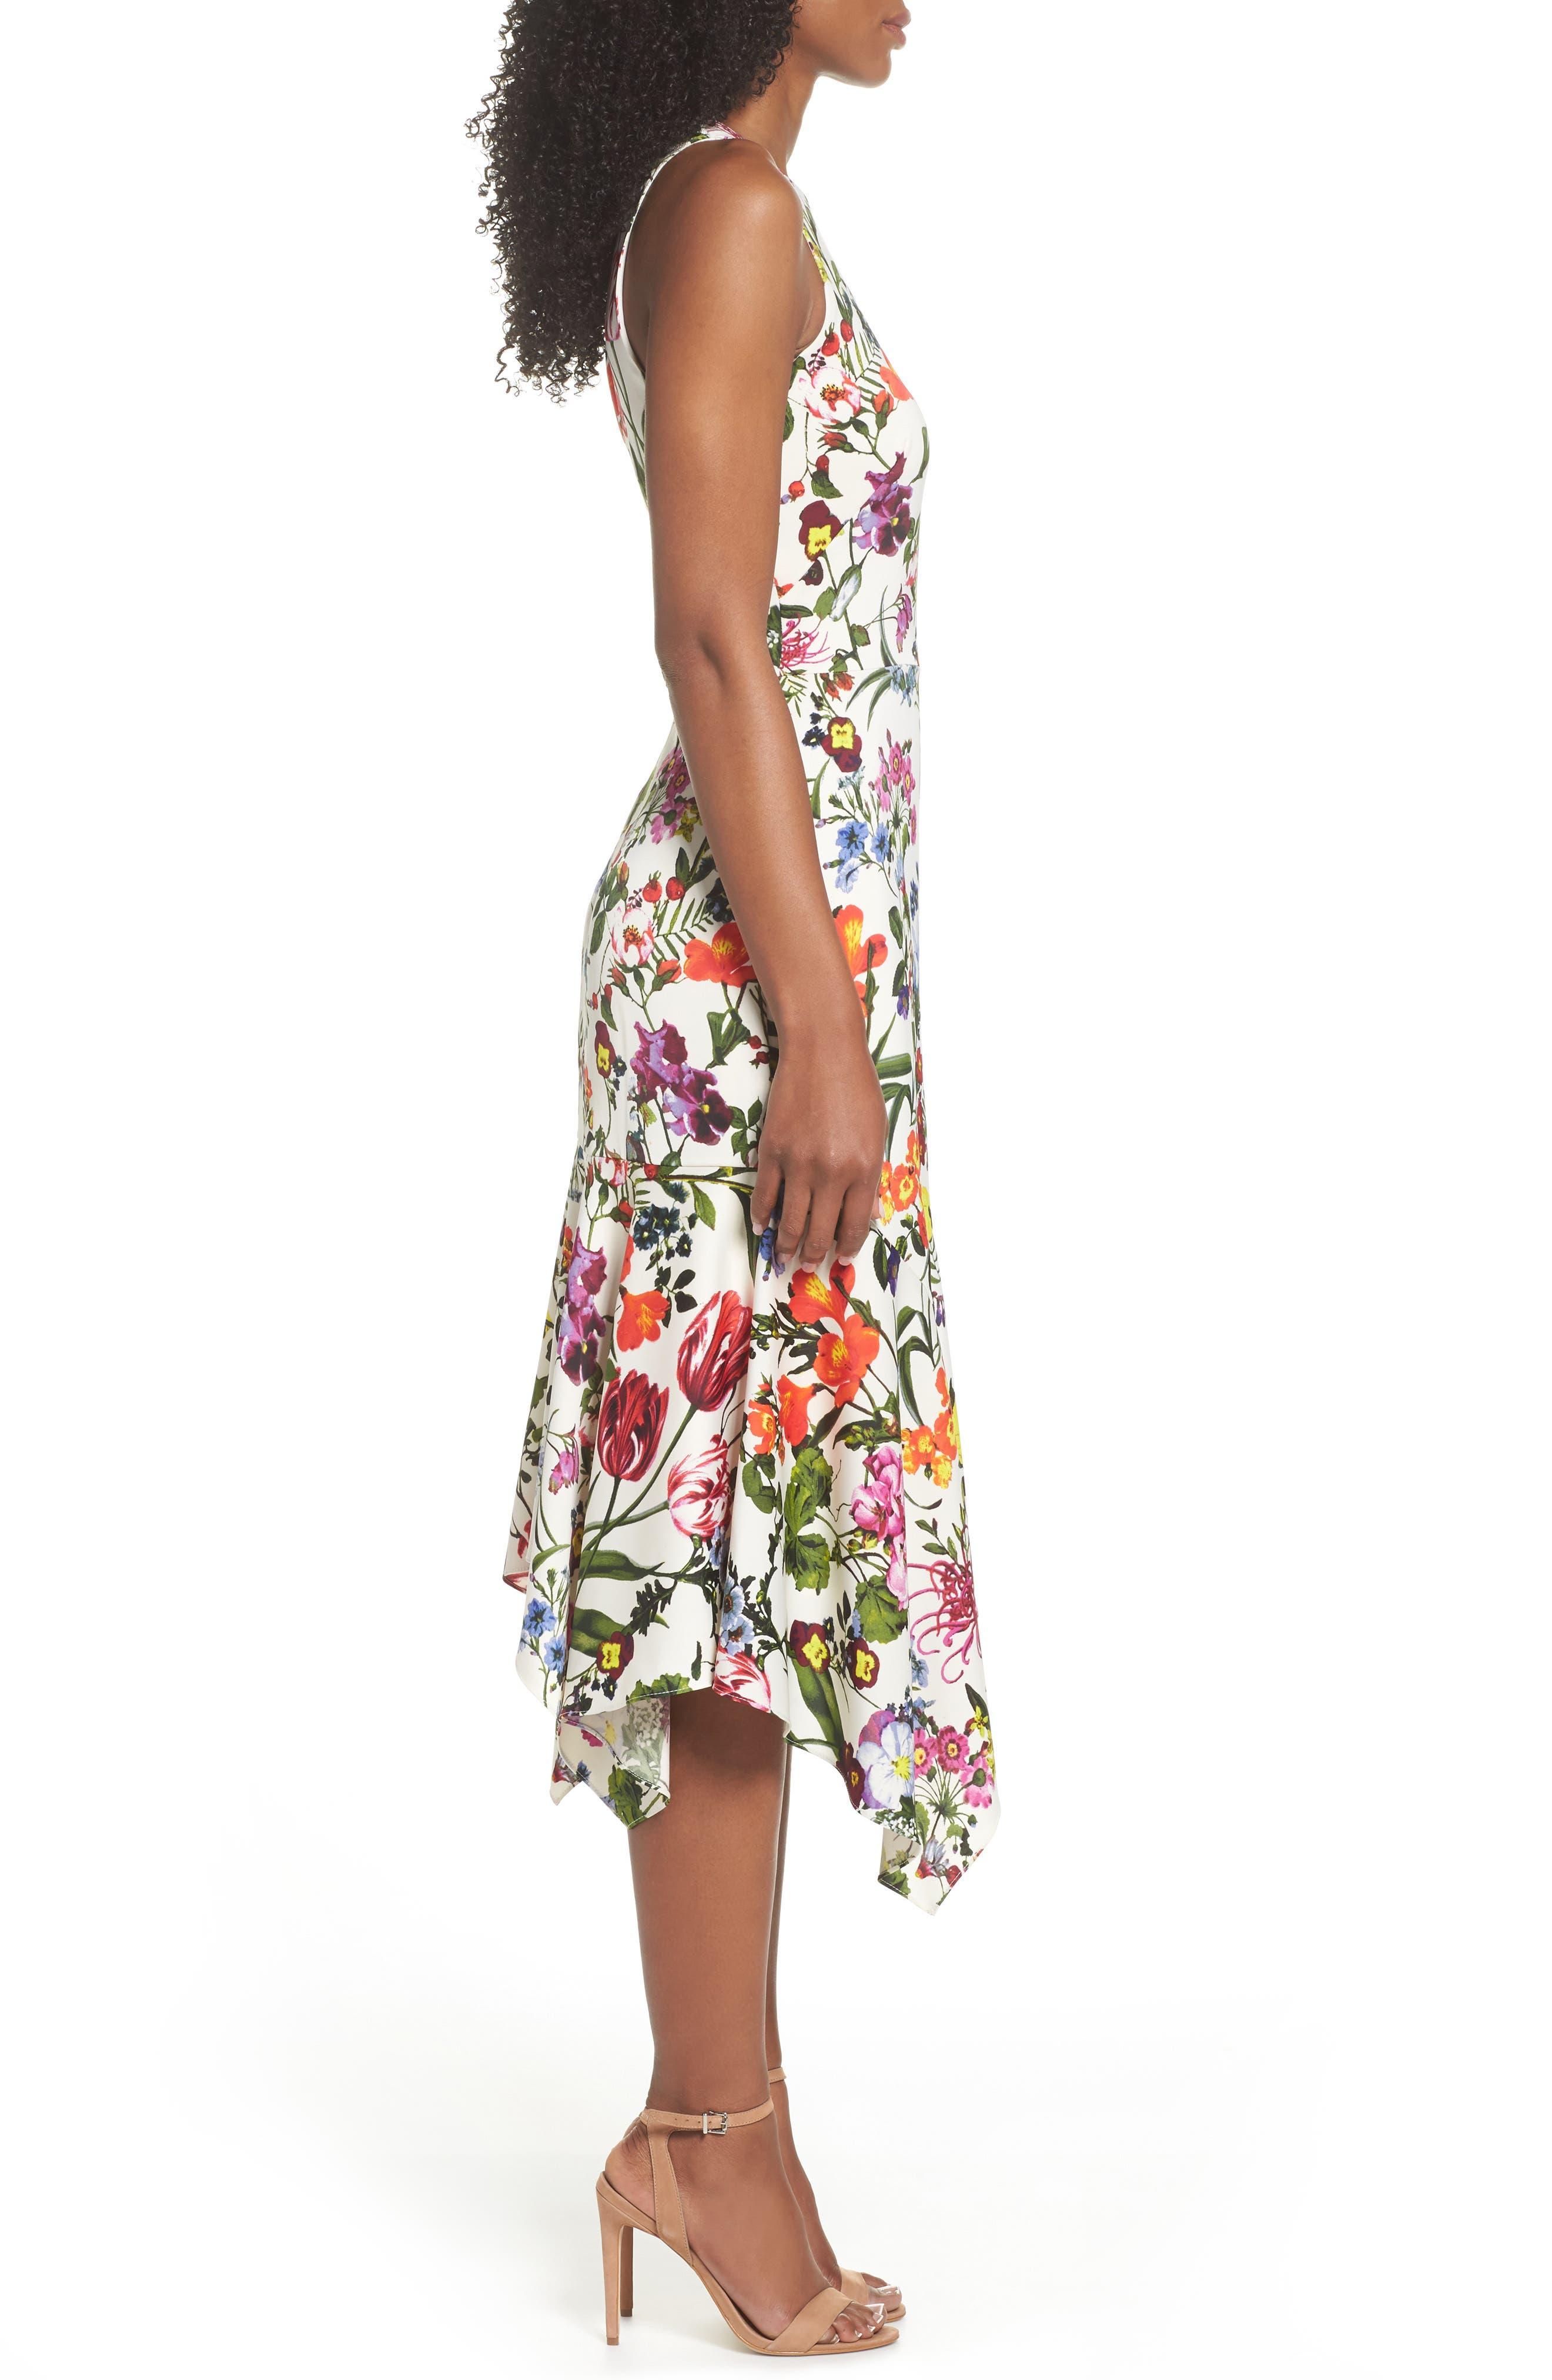 Botanical Print Charmeuse Midi Dress,                             Alternate thumbnail 3, color,                             Soft White/ Multi